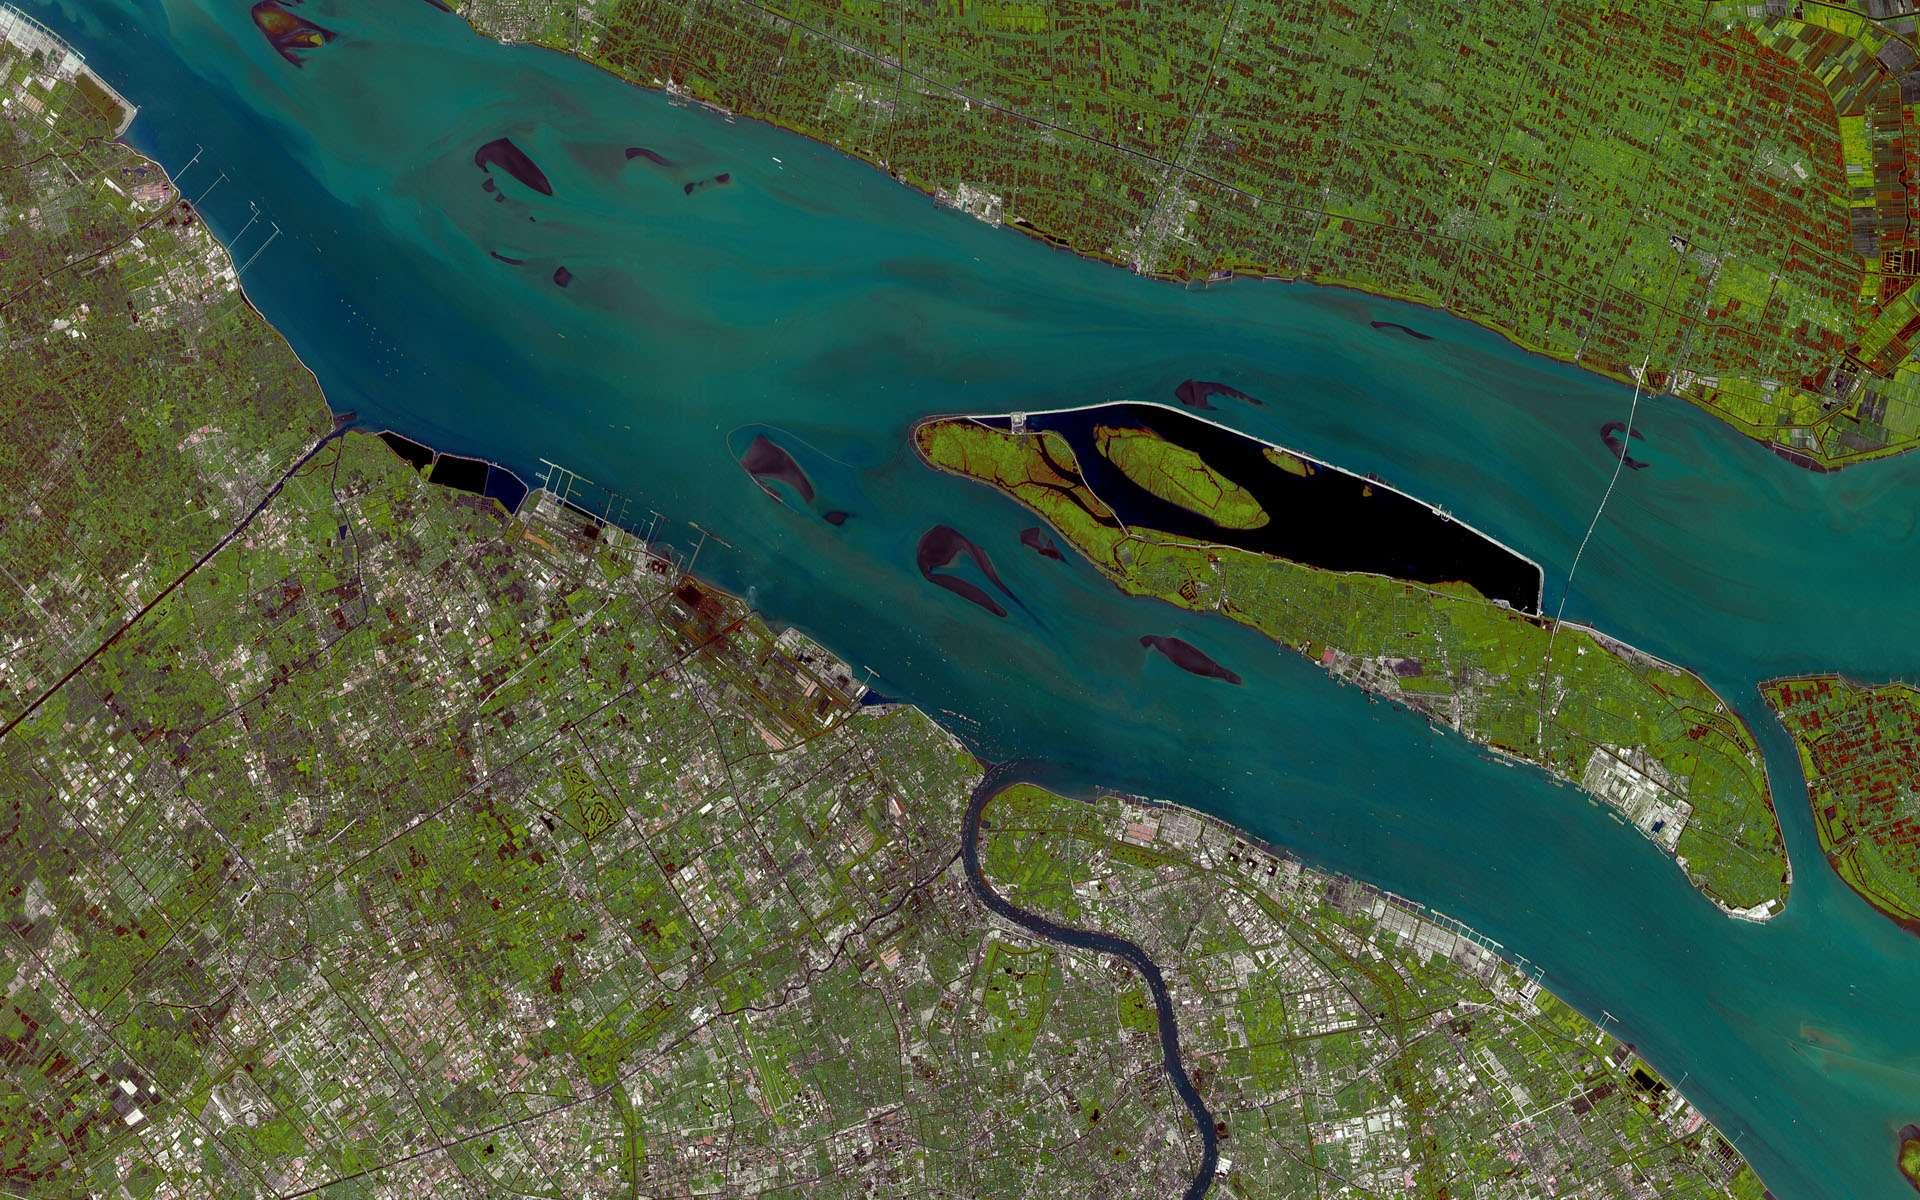 Cette image a été prise par Spot 5 le 25 juin 2009, avec une résolution de 10 mètres. Spot 5 a été lancé par le Centre national d'études spatiales (Cnes), l'Agence spatiale française, et son imagerie est commercialisée par Spot Image. © Cnes/Spot Image/Esa